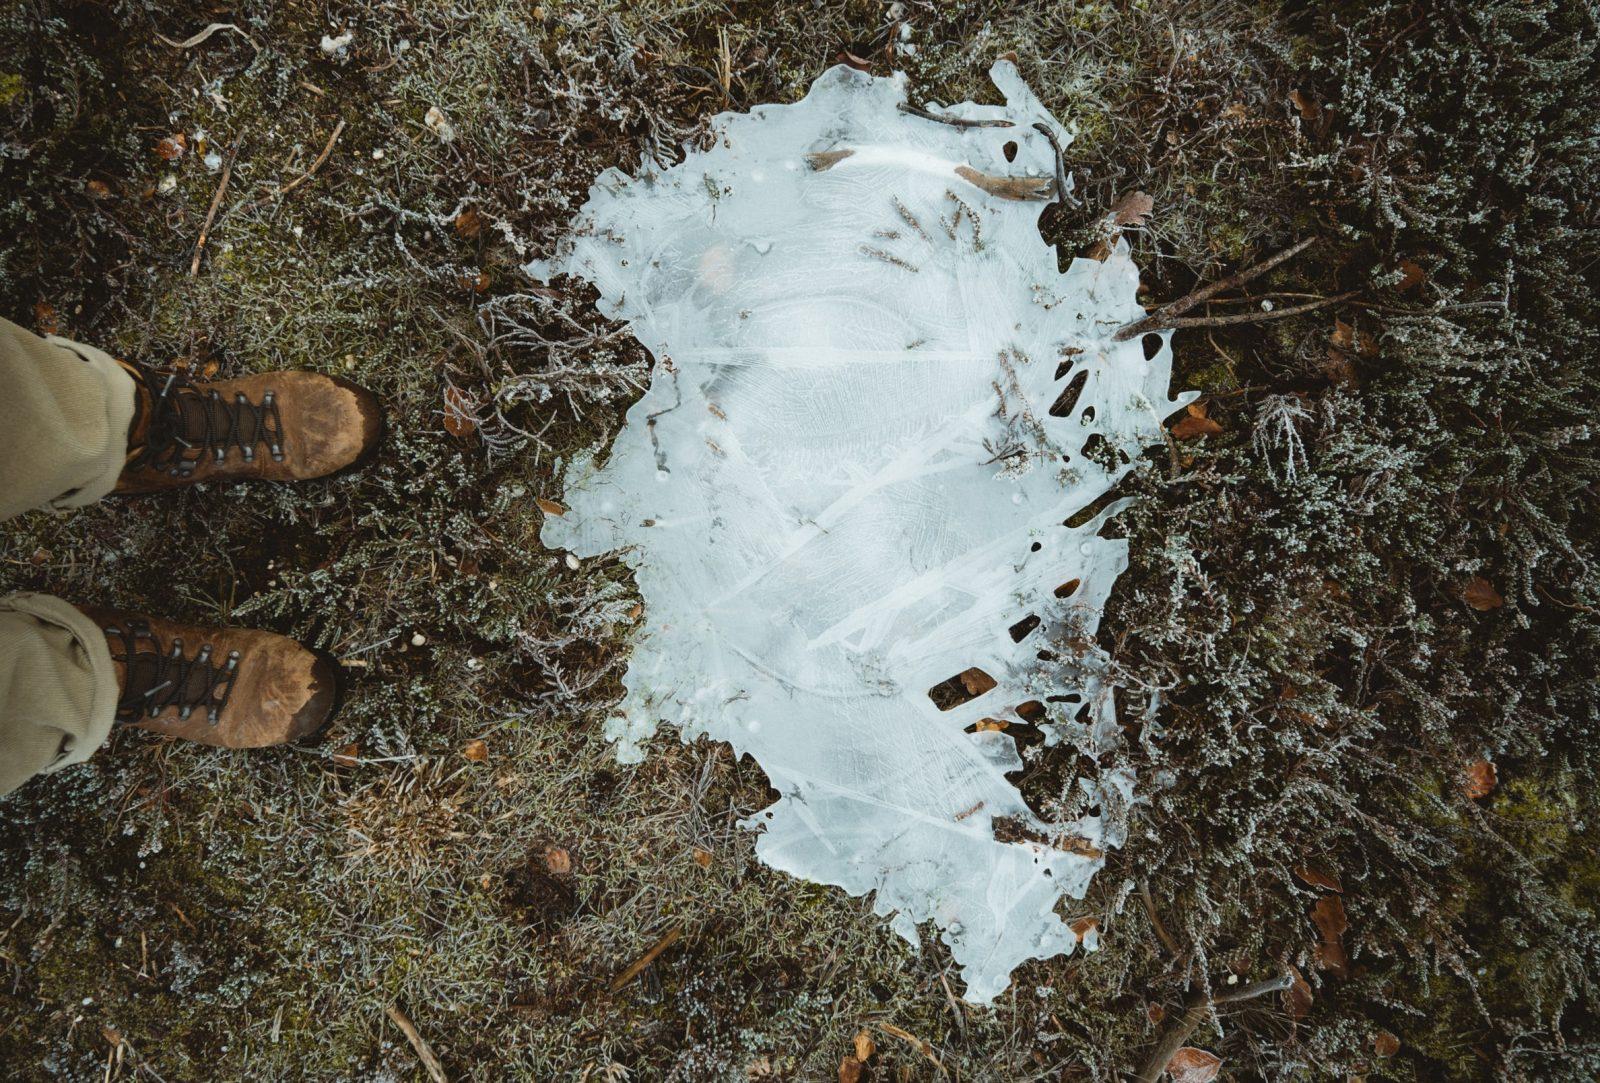 Kuvassa sammaleinen ja jäinen maa. Myös kuvaajan kengät näkyvät.